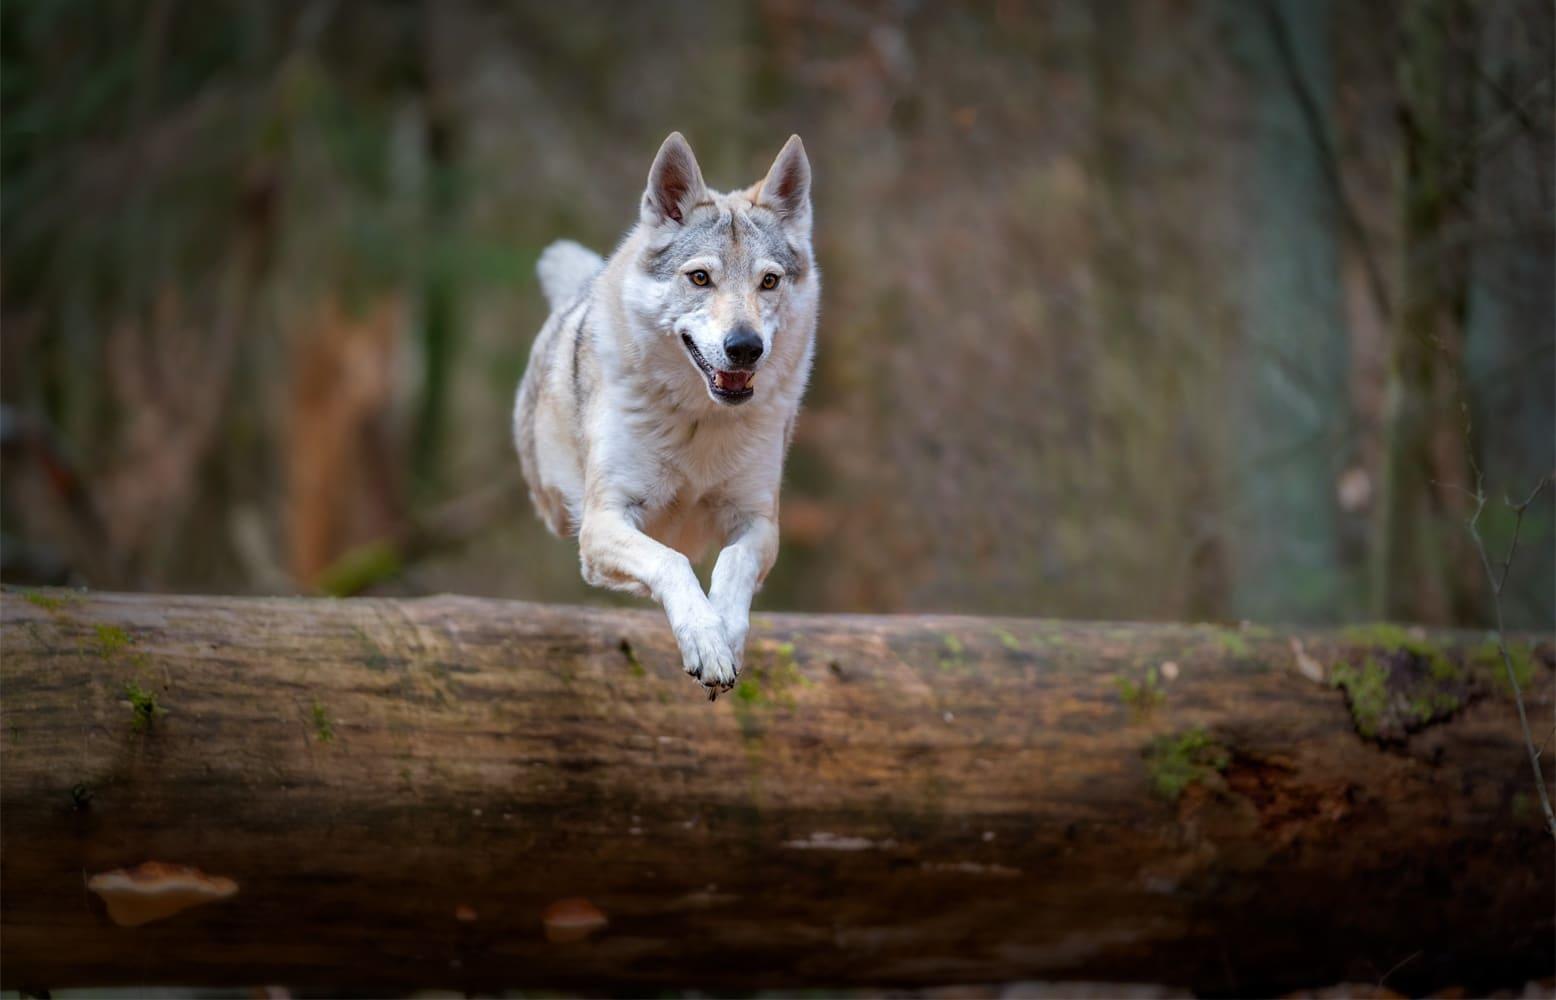 Delphi, Tschechoslowakische Wolfhündin, 7 1/2 Jahre alt apportiert ein Stöckchen.